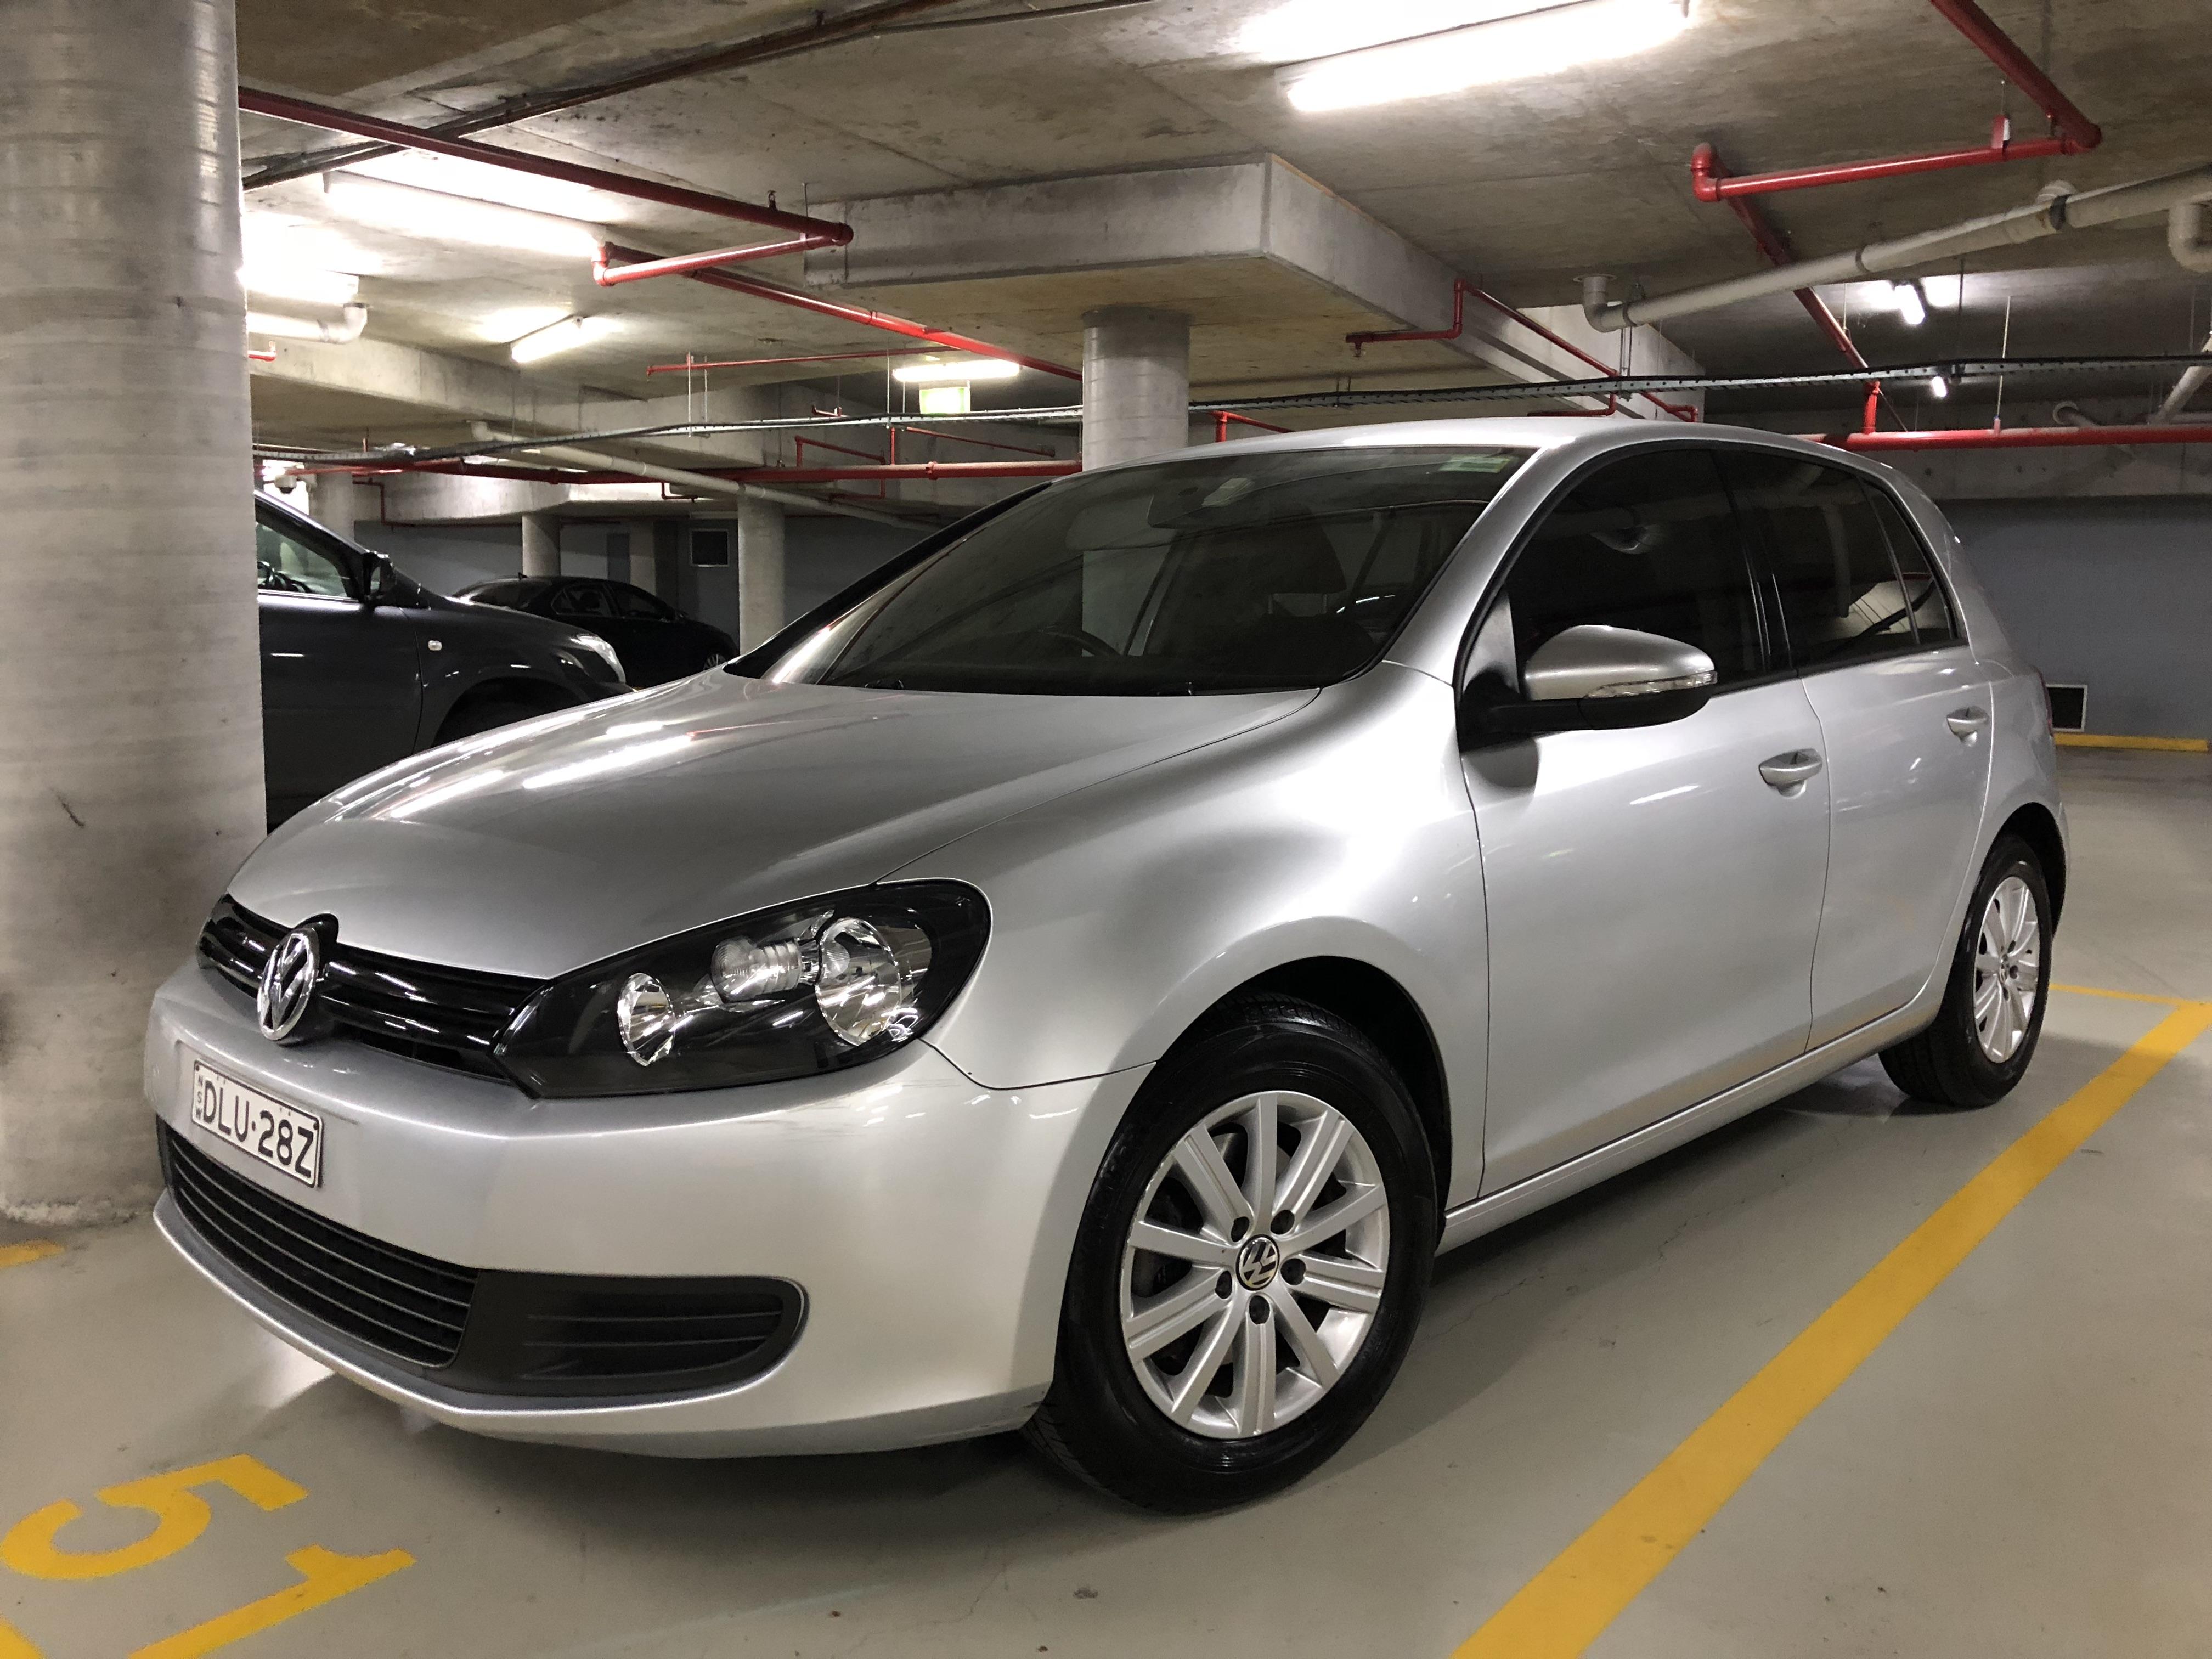 Picture of Eliza's 2012 Volkswagen Golf